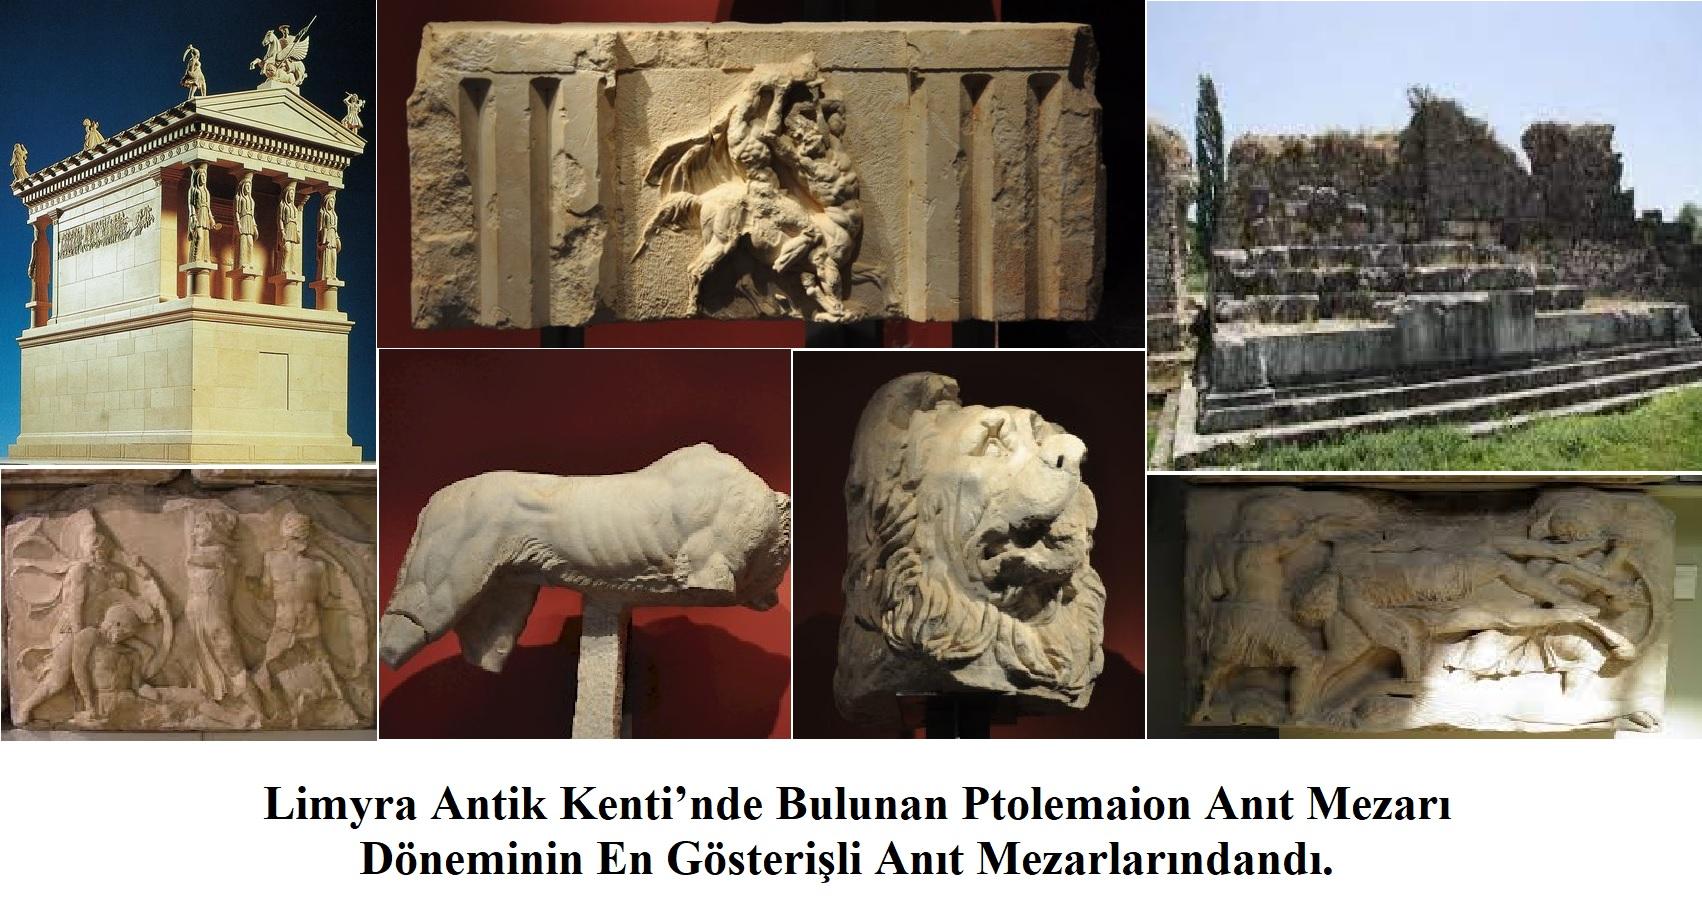 Limyra Antik Kenti'nde Ptolemaion Anıt Mezarı – Likya Birliği – Antalya